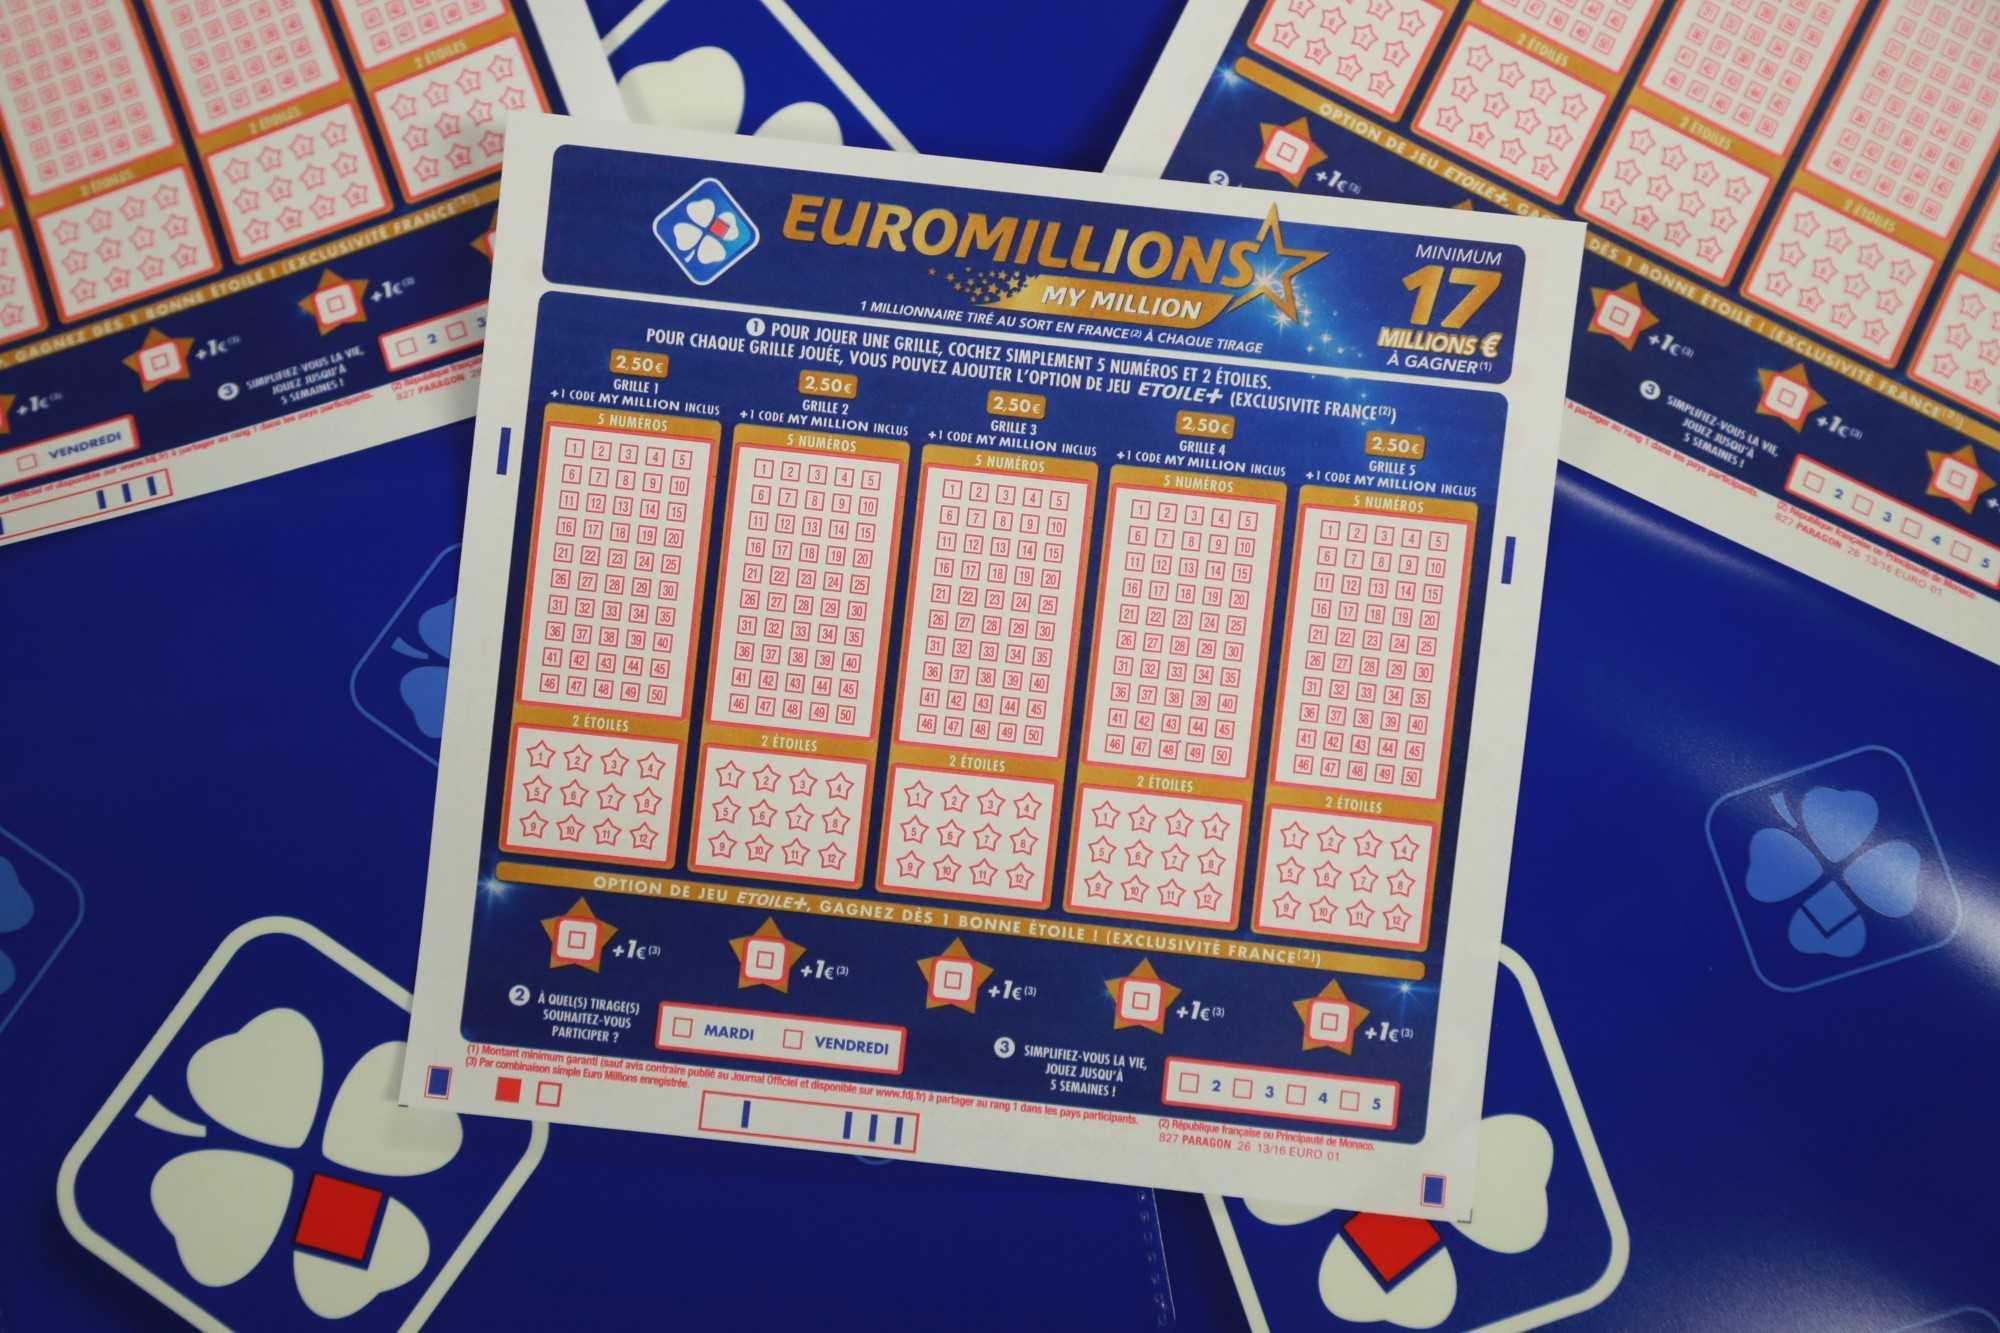 Как дэйв раскрыл секрет моей  лото-системы | eurojackpot